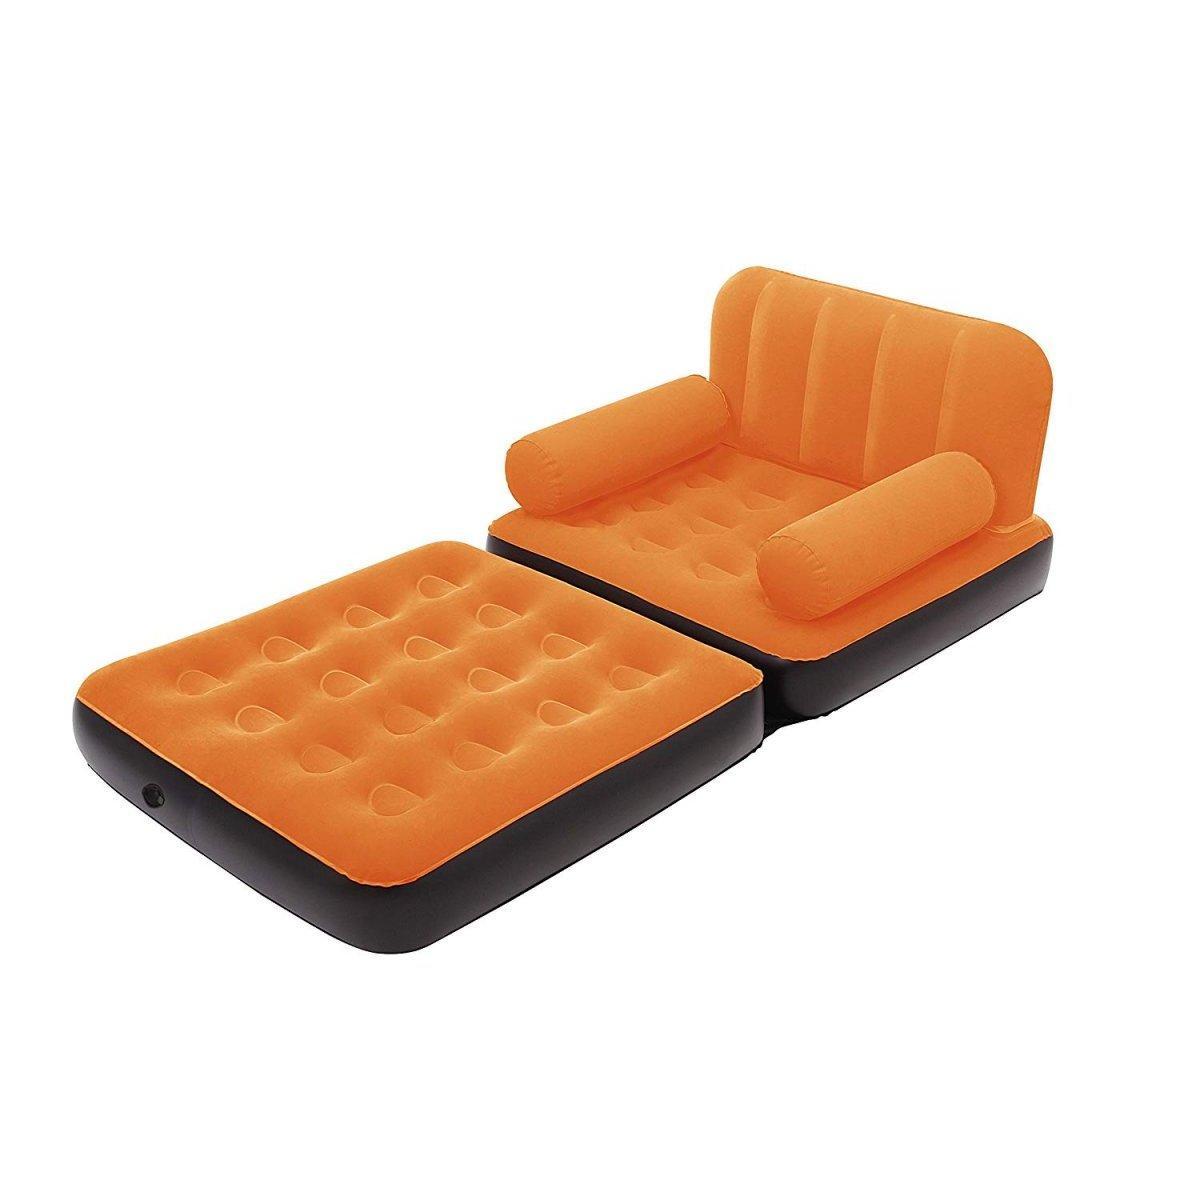 Надувное раскладное кресло Bestway 67277, 191 х 97 х 64 см, оранжевое